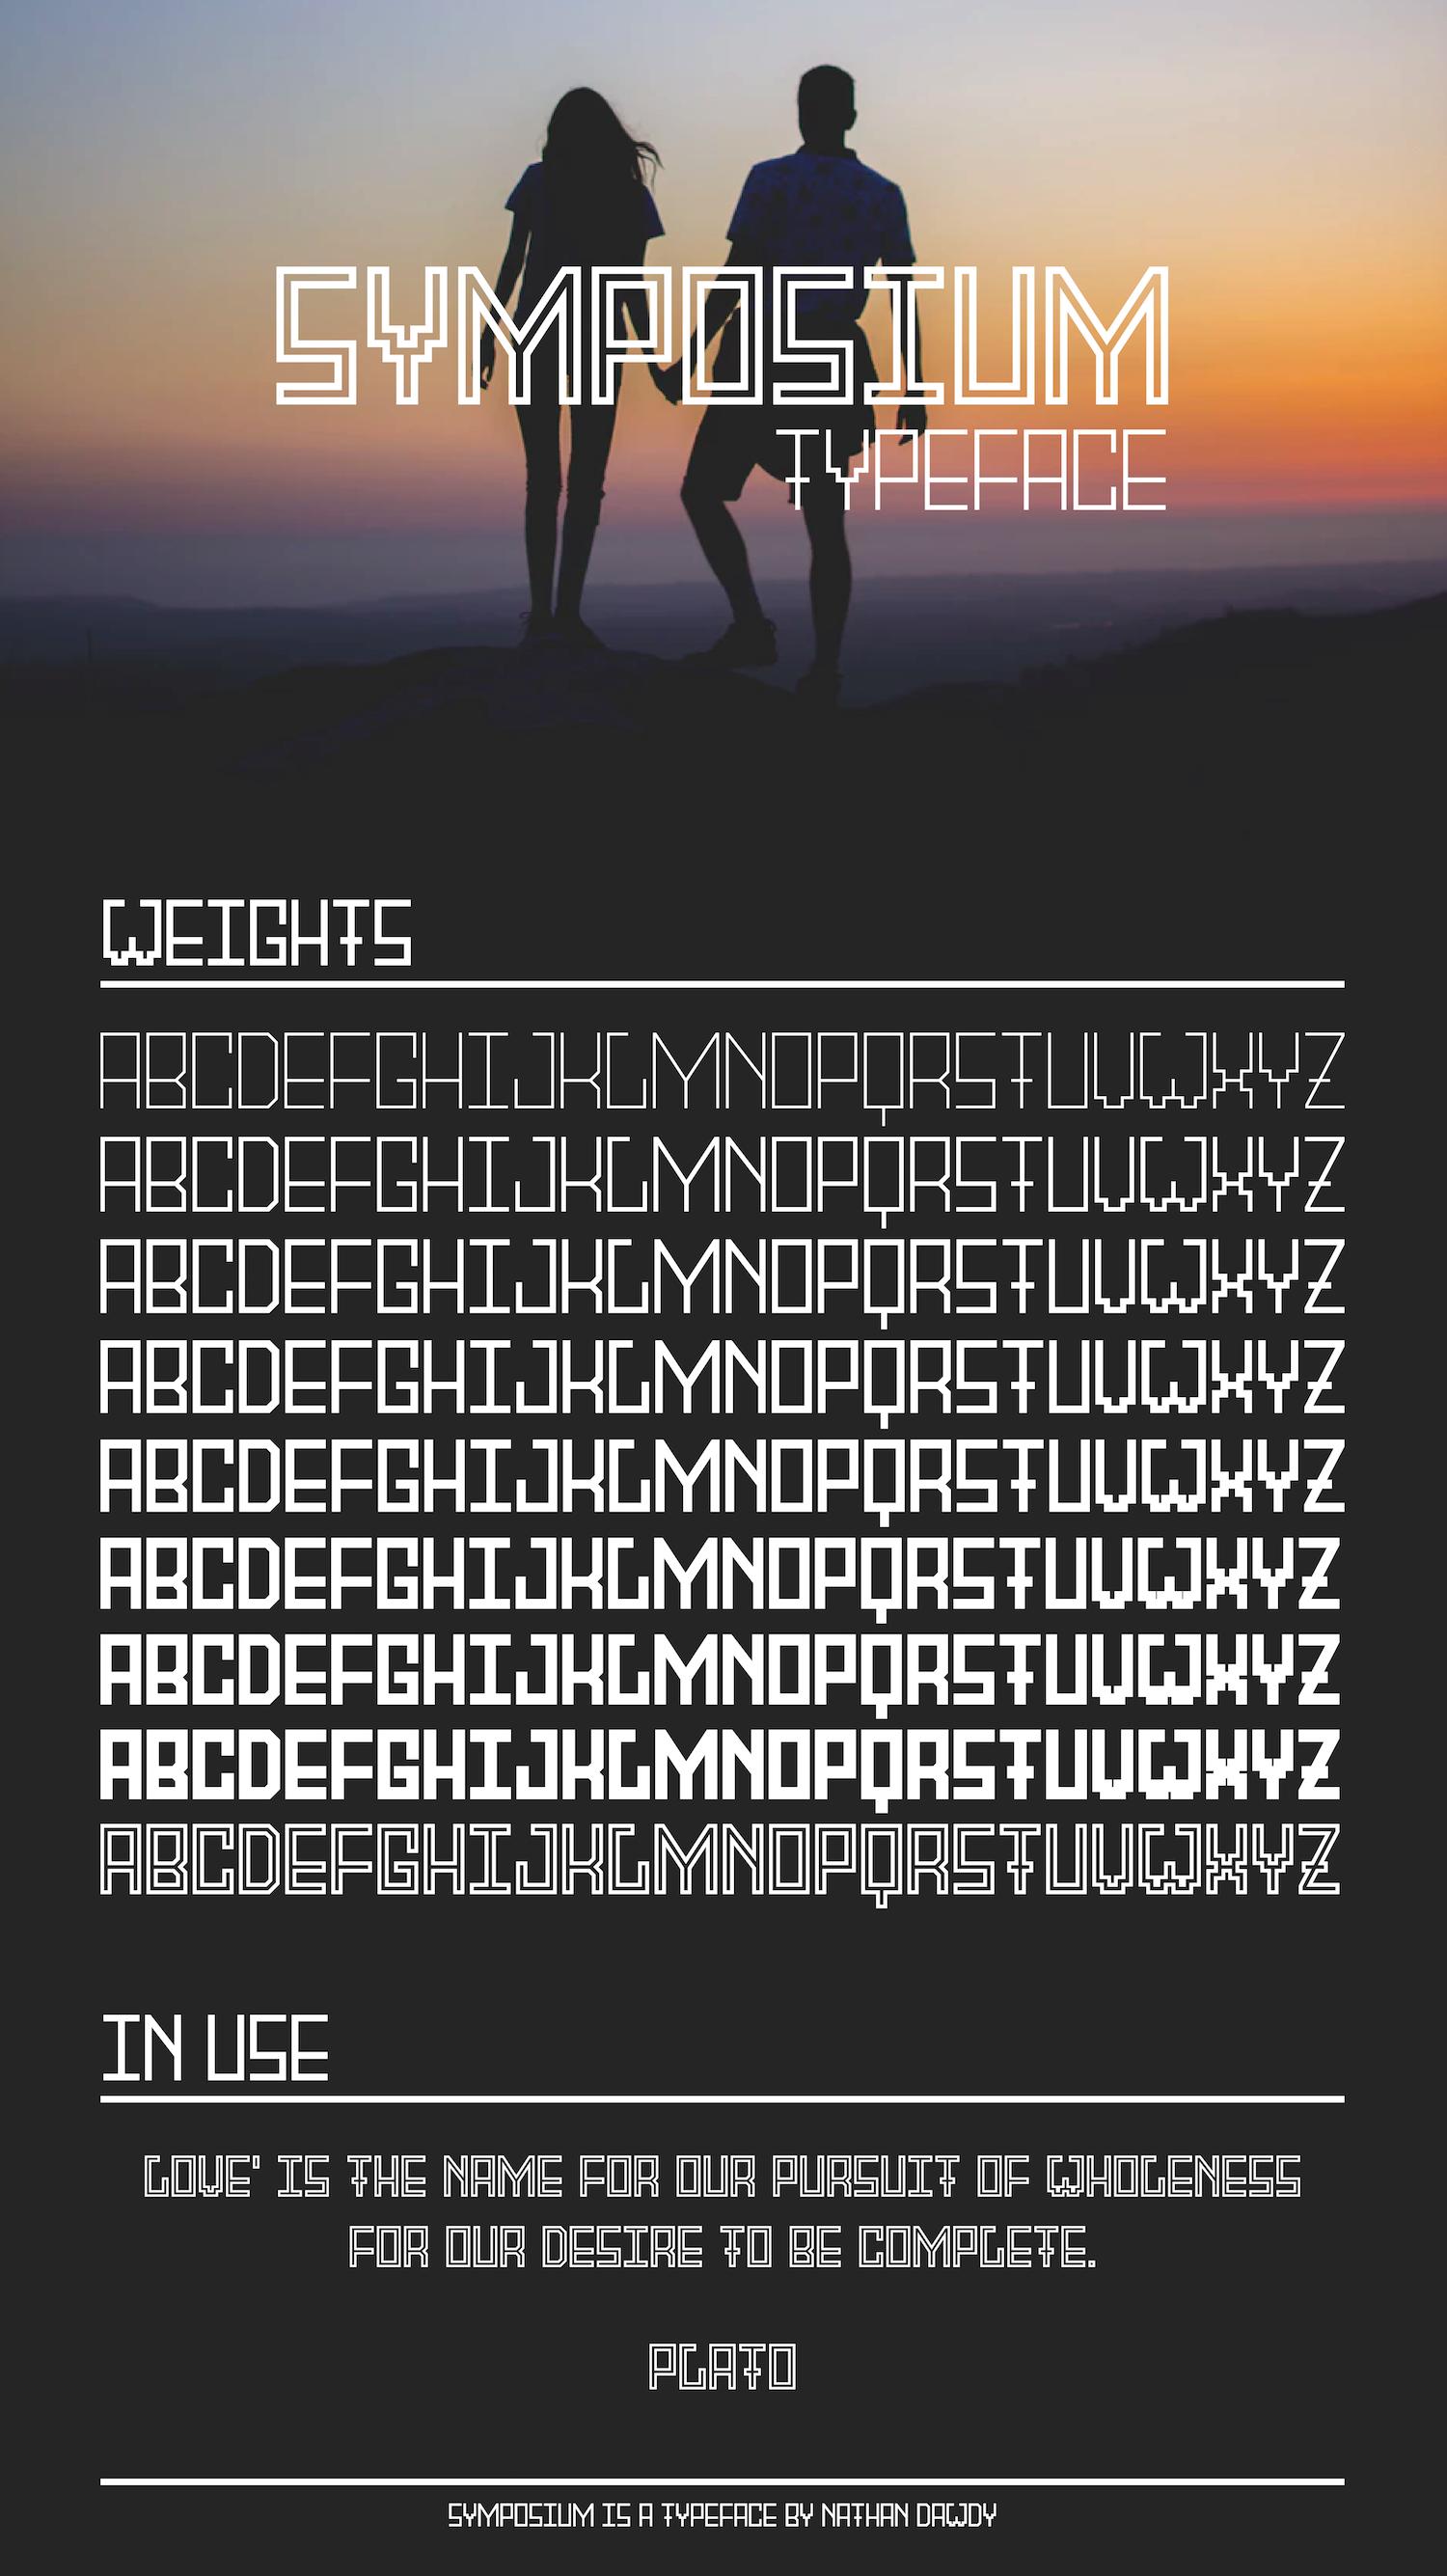 Symposium Typeface